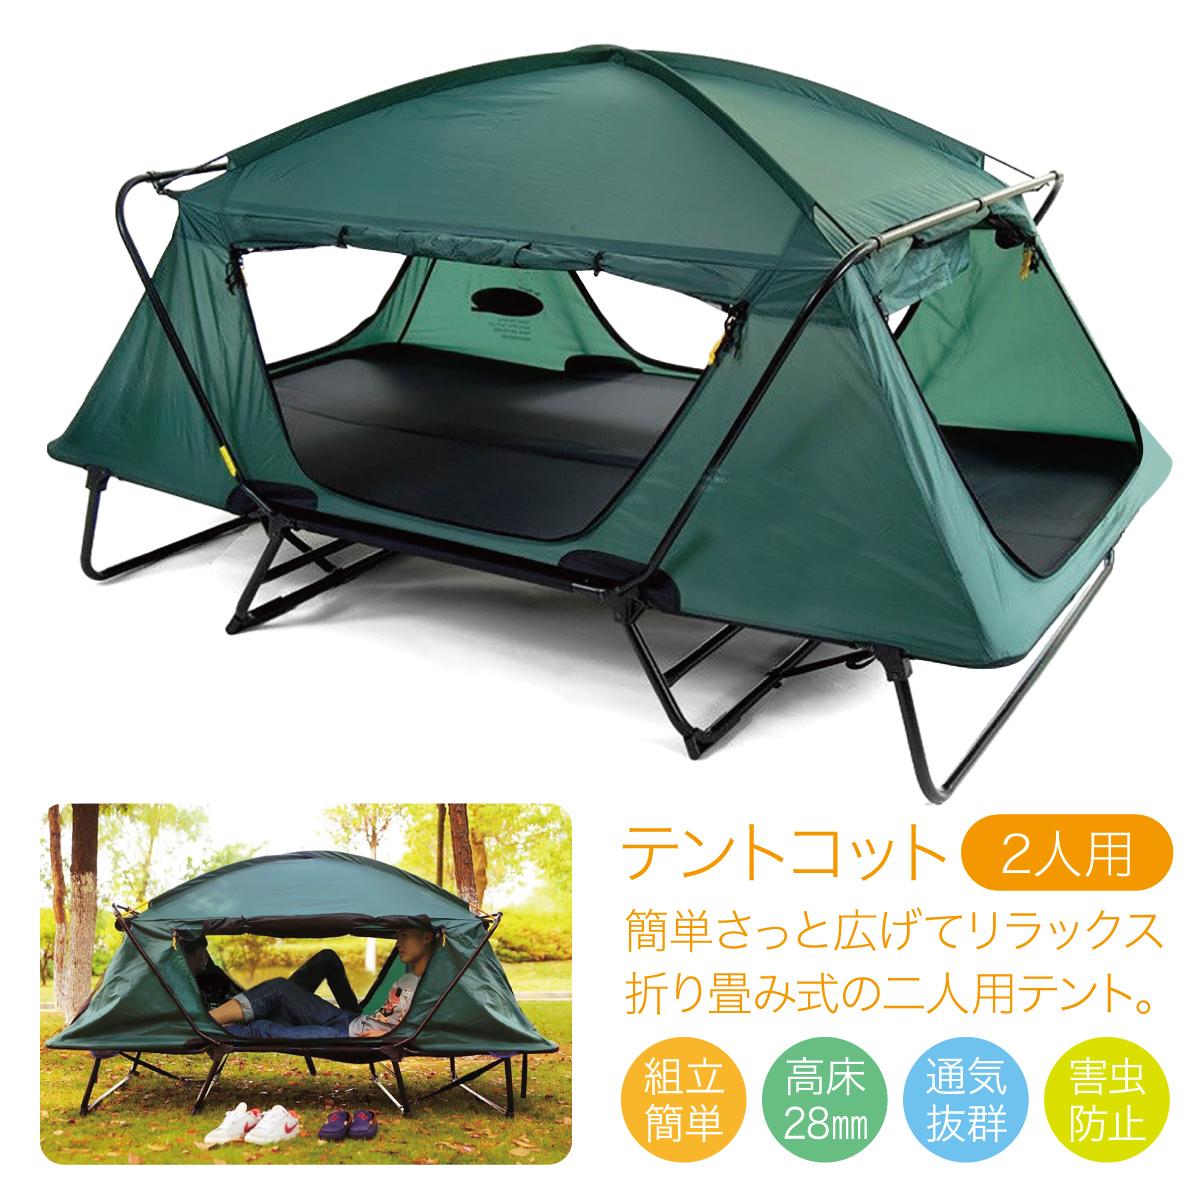 テント テントコット 2人用 折り畳み式 テントベッド ベッドシェルター コンパクトテントコット TENT COT 高床式 大型 tent-cot-w